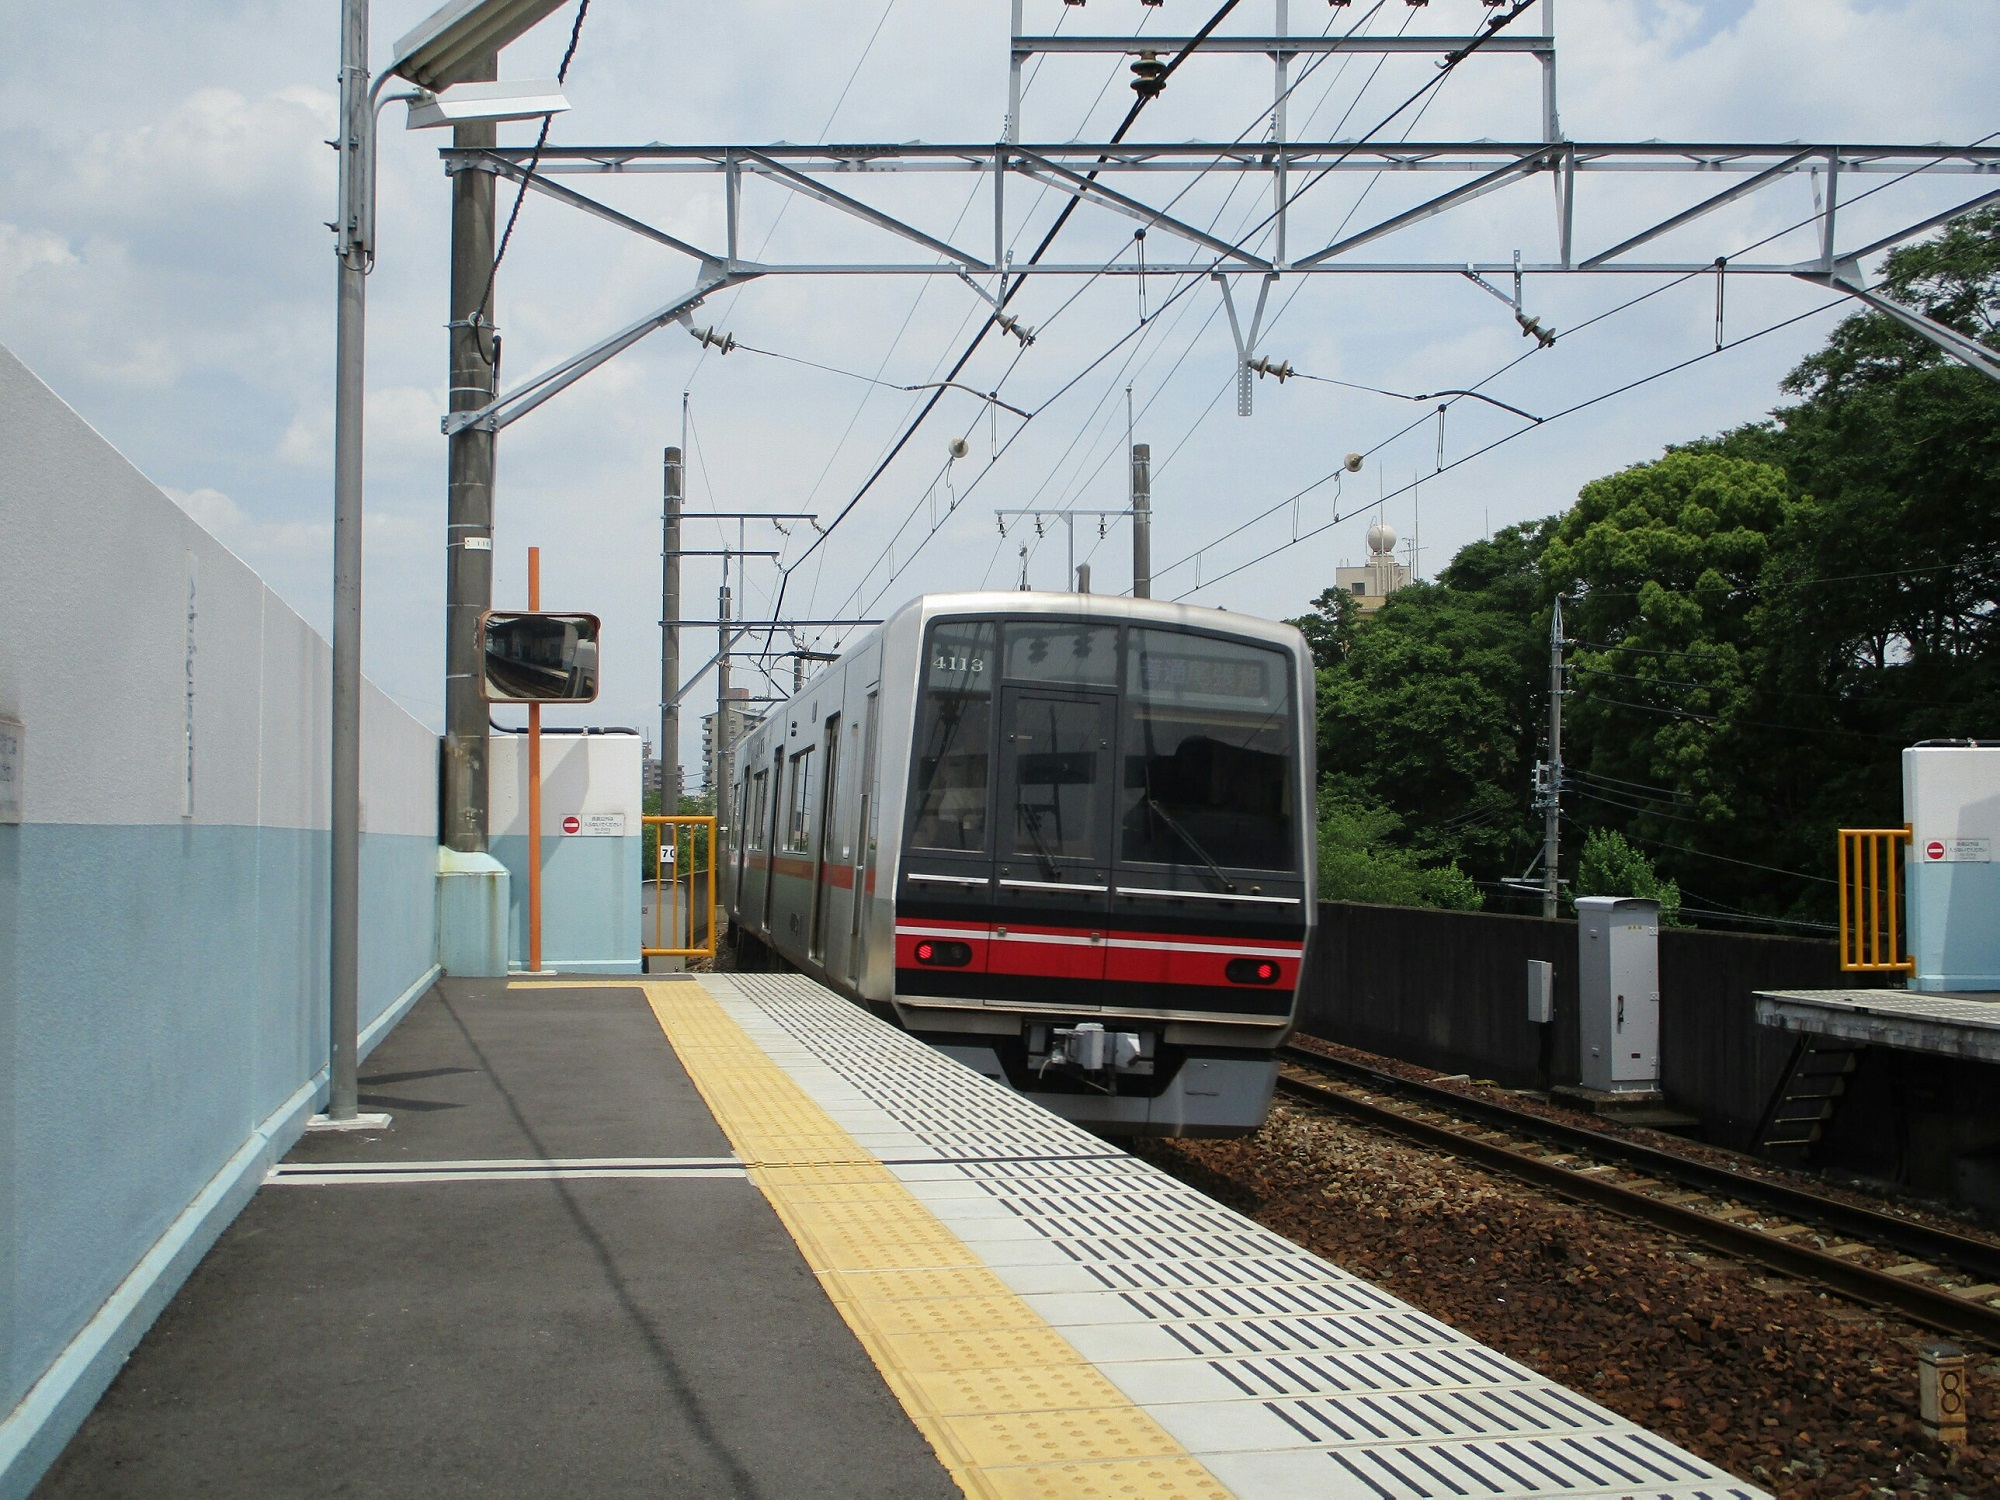 2019.6.4 (12) 尼ケ坂 - 尾張旭いきふつう 2000-1500